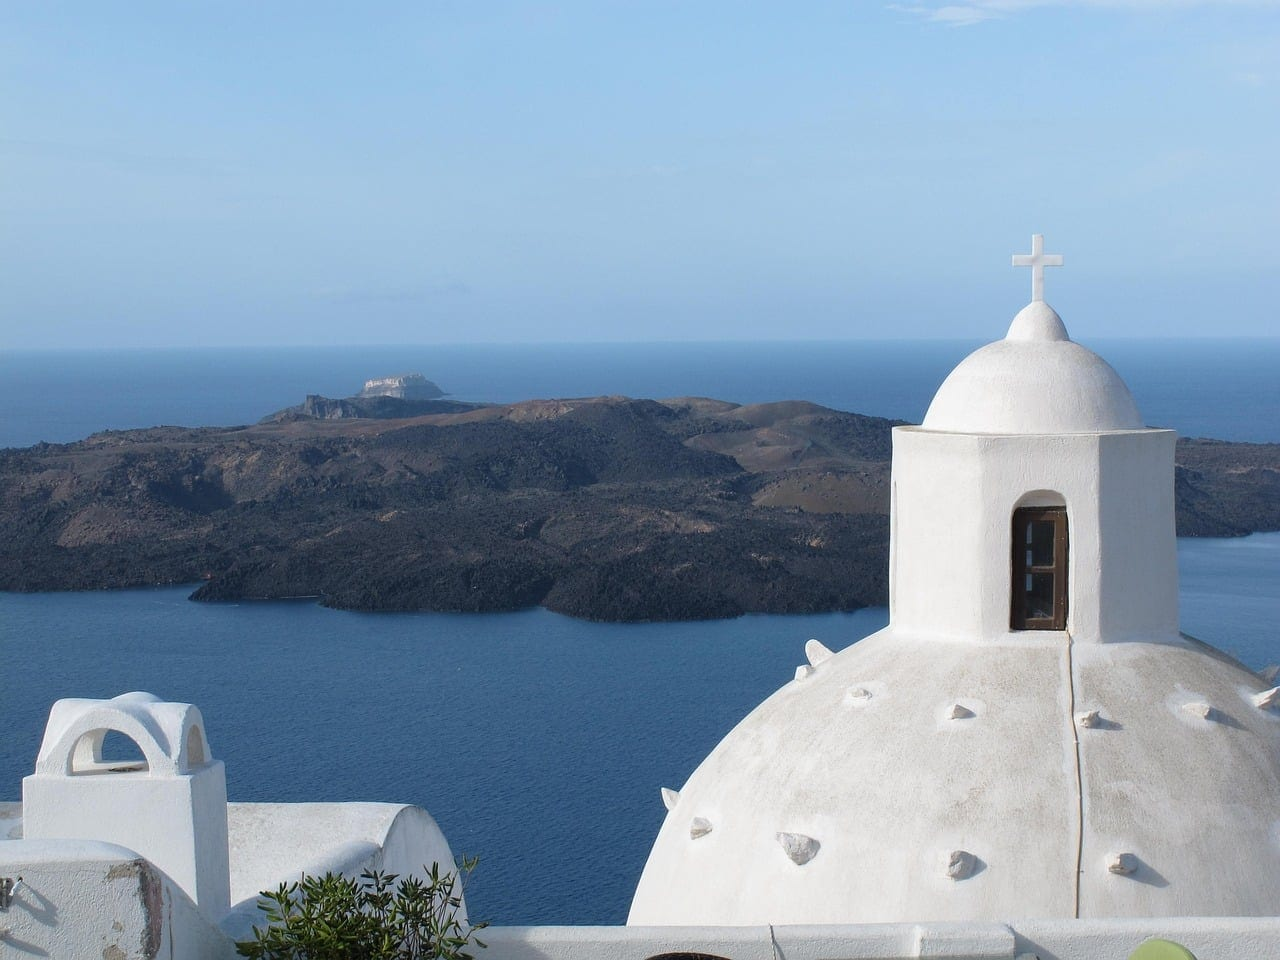 Γιορτή σήμερα 9 Ιουλίου Εορτολόγιο Ποιοι γιορτάζουν Καιρός Αθήνα